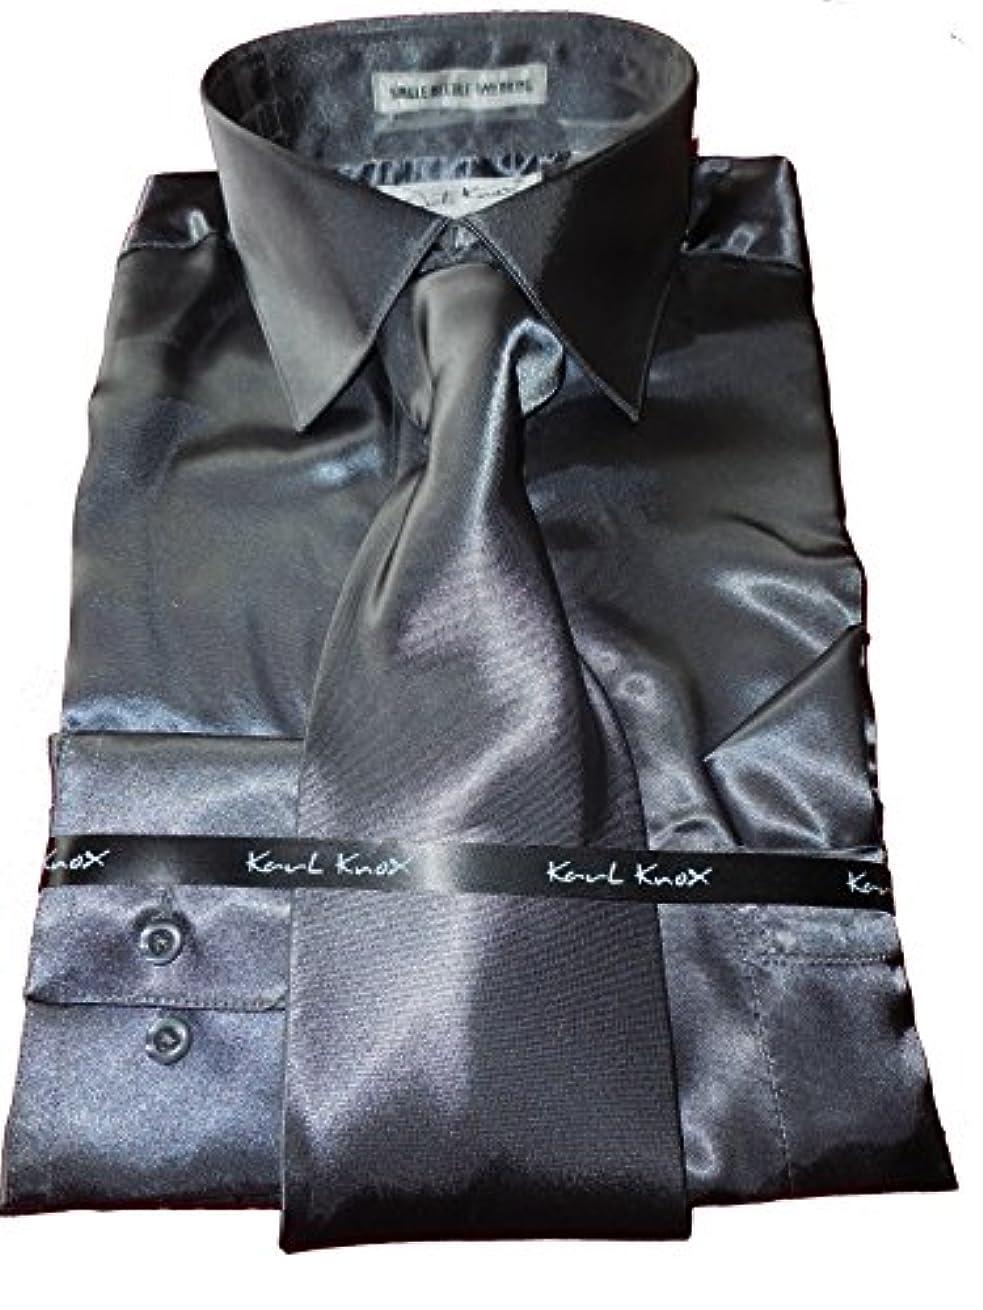 大きなスケールで見るとチロ絡まるKarl Knox - Valentini Daniel SHIRT メンズ US サイズ: 2XL 18.5 collar 36/37 sleeve カラー: グレイ